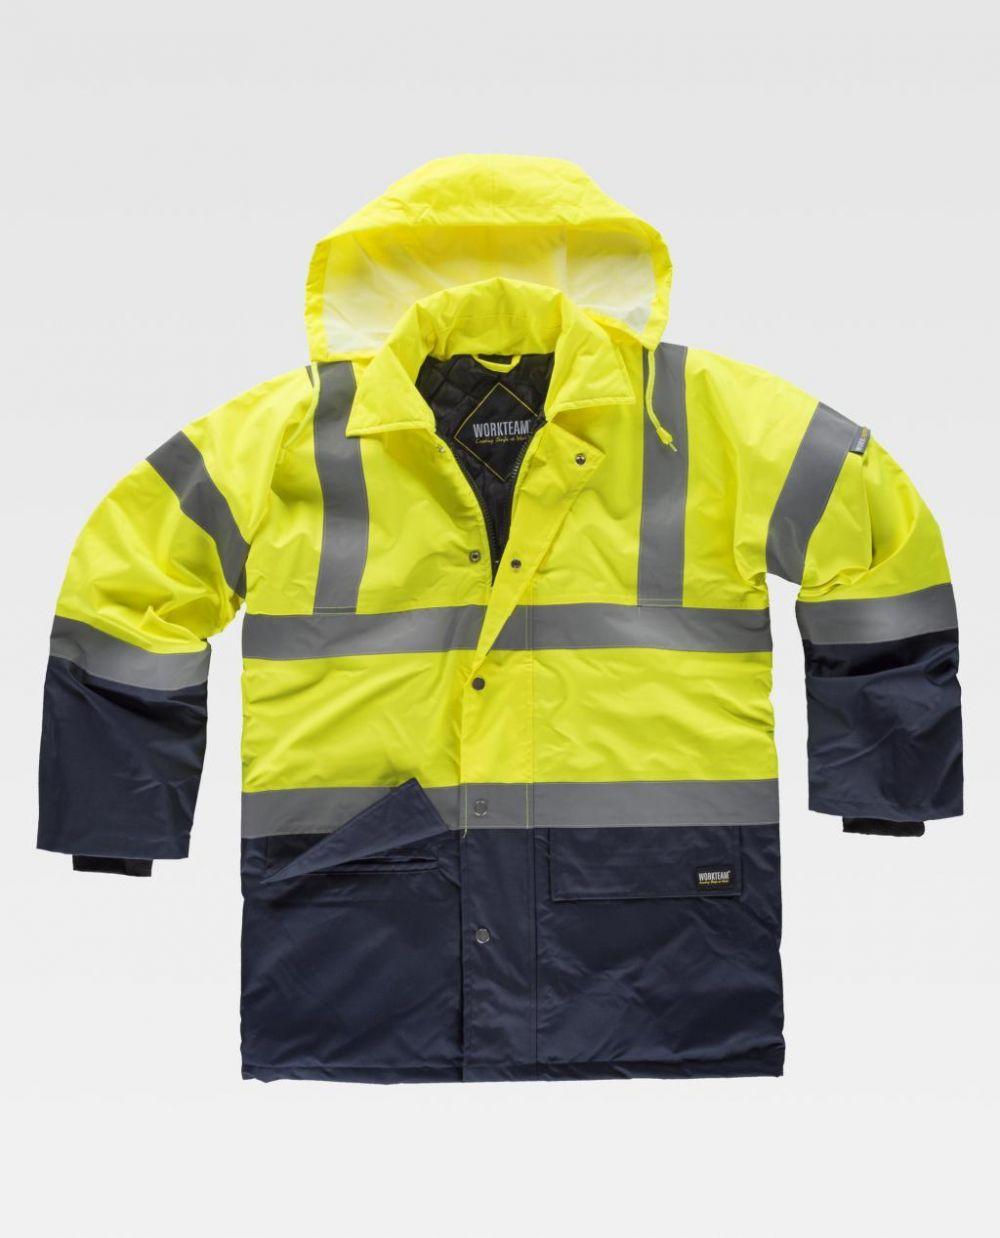 Chaquetas reflectantes workteam acolchada alta visibilidad y cuello camisero de poliéster para personalizar vista 1